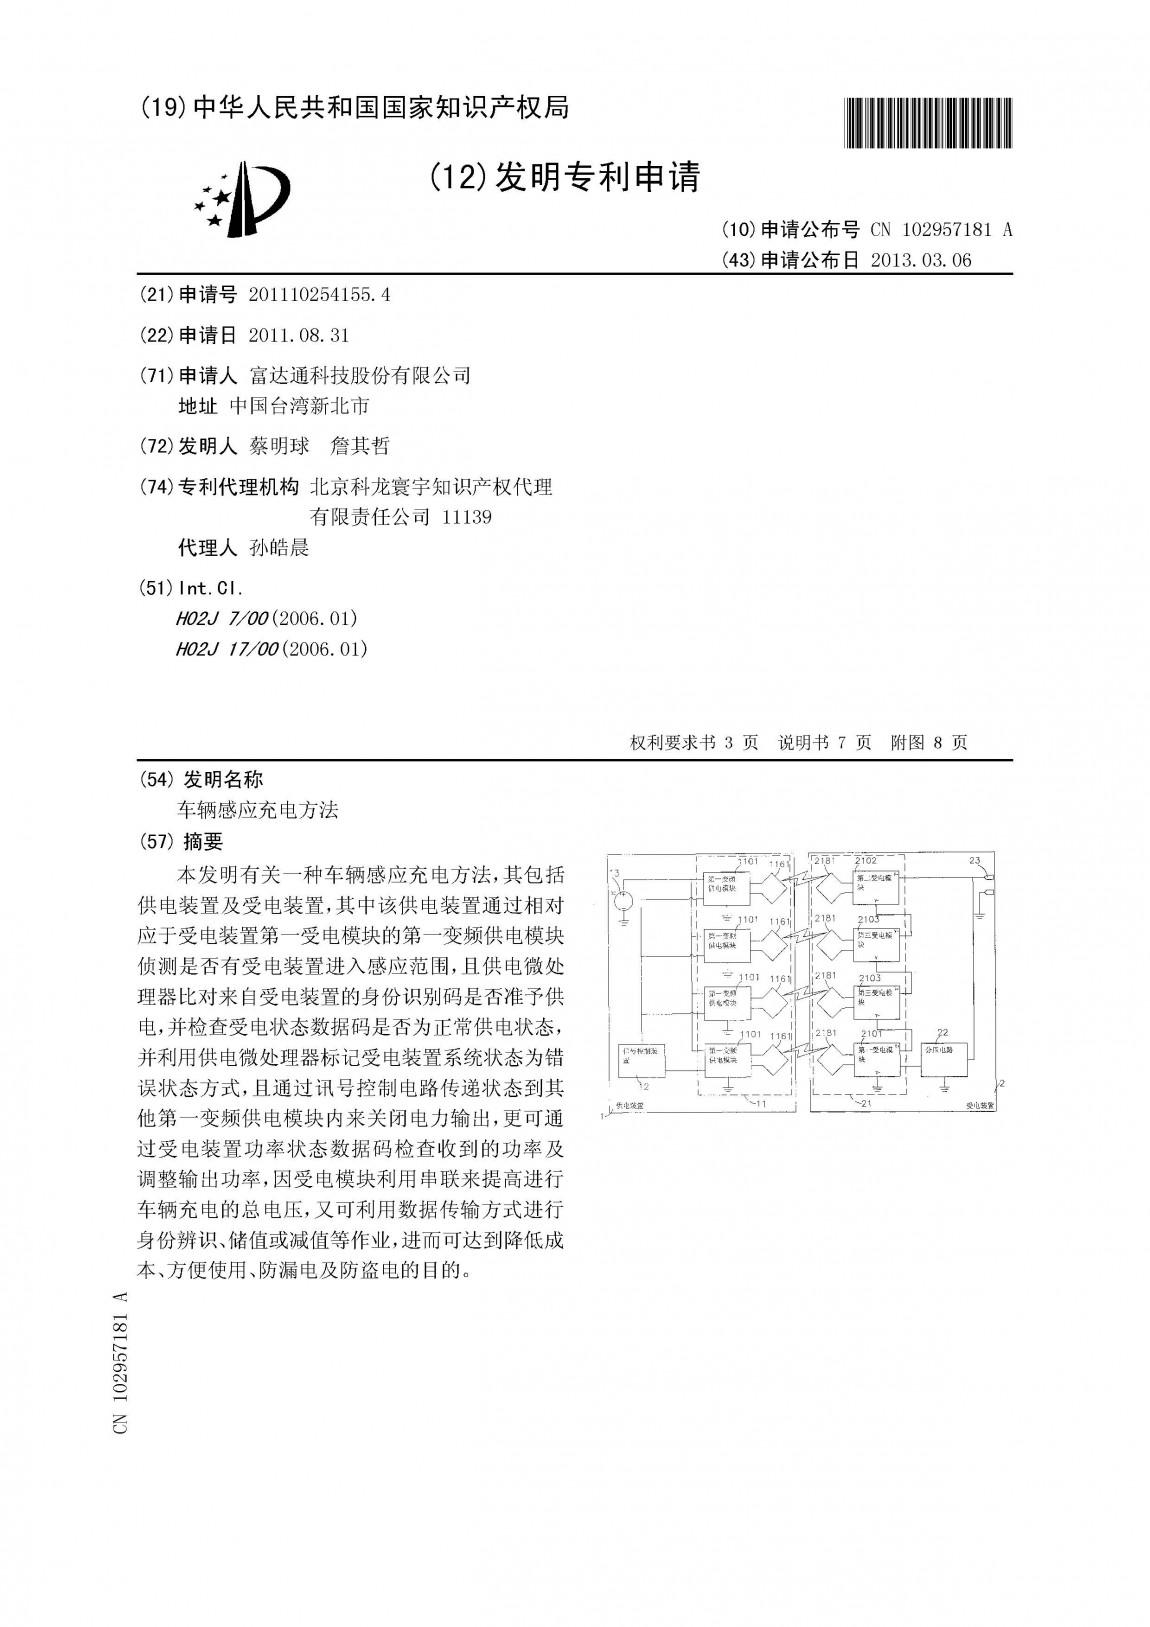 富達通專利14-车辆感应充电方法(台灣)CN102957181A